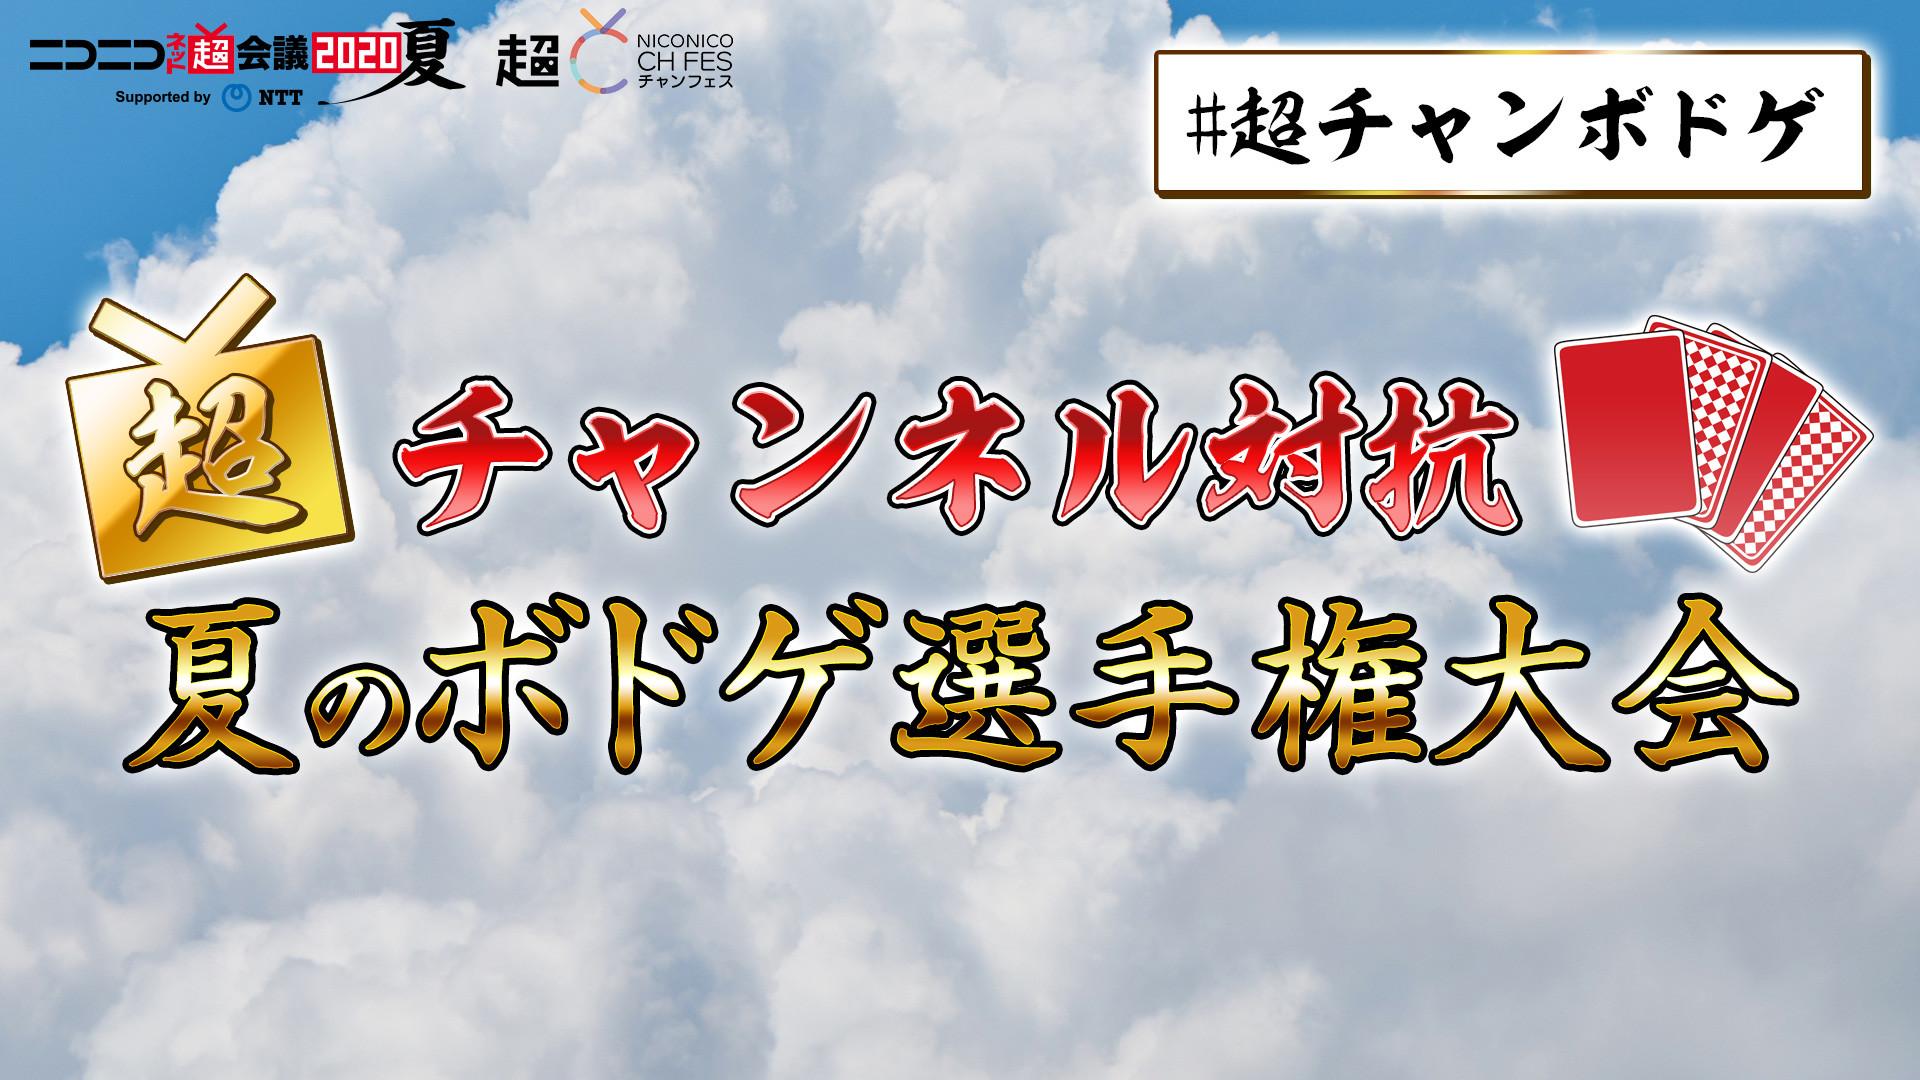 超チャンネル対抗!夏のボドゲ選手権大会_1920_1080_4.jpg